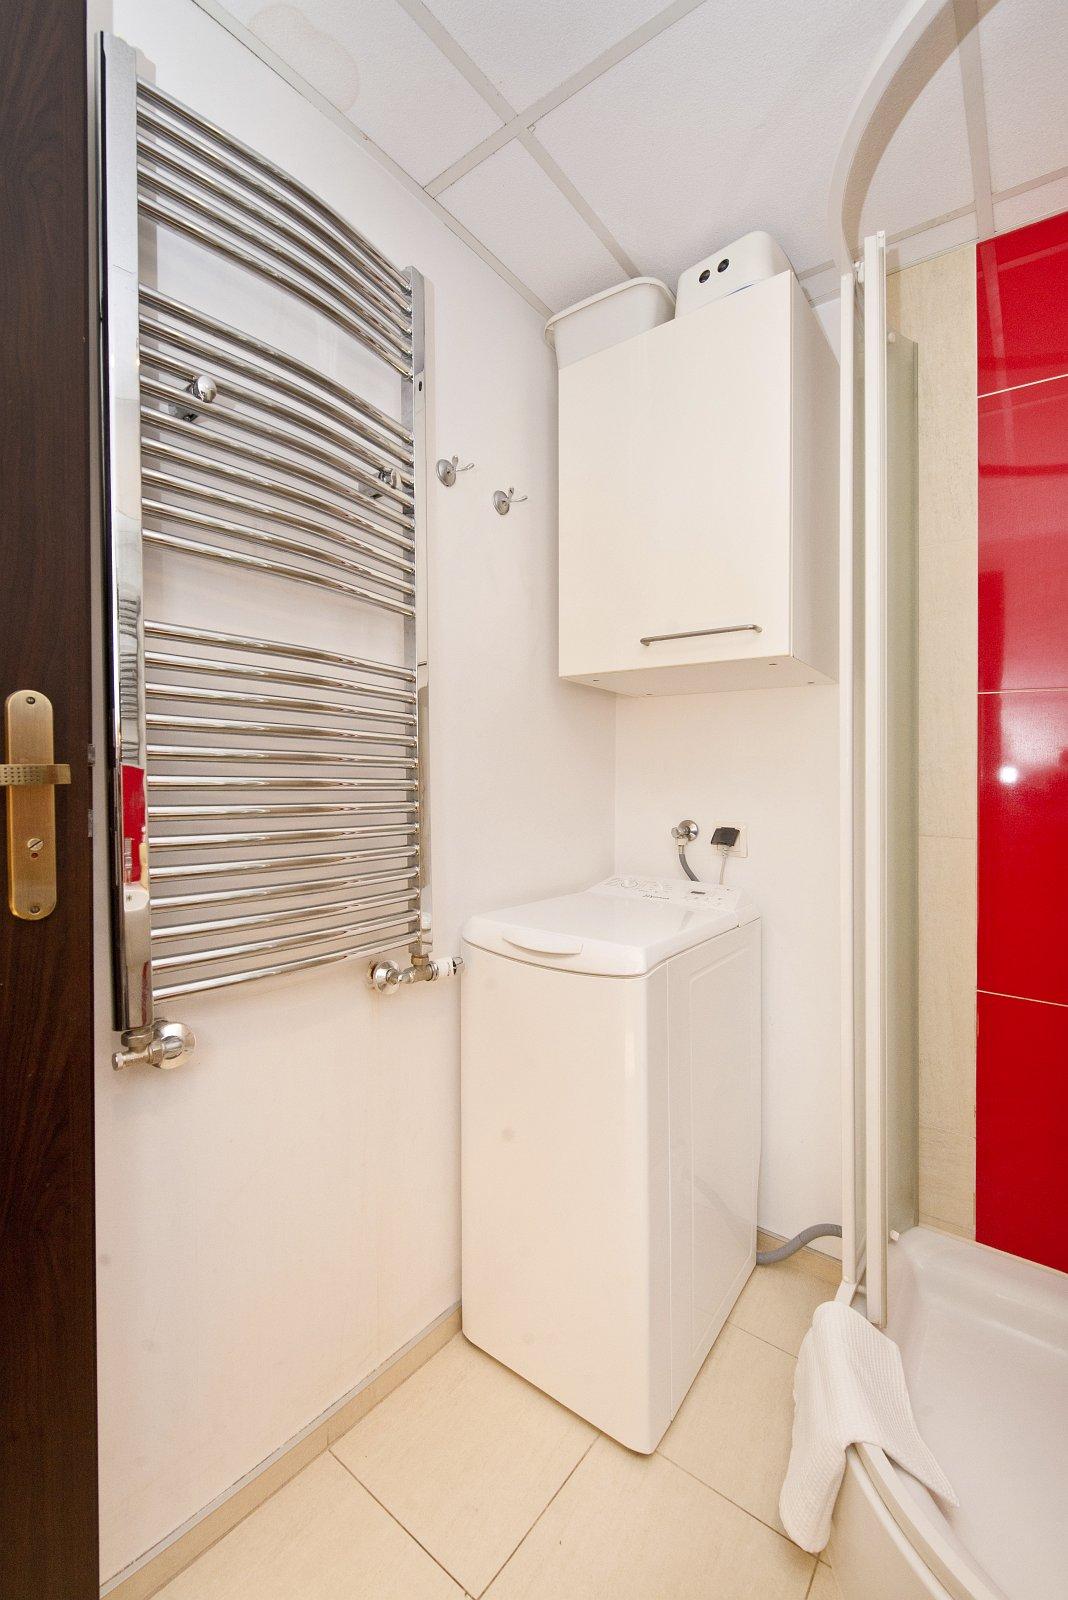 mieszkanie-wynajem-gdansk-ow4-03-03web